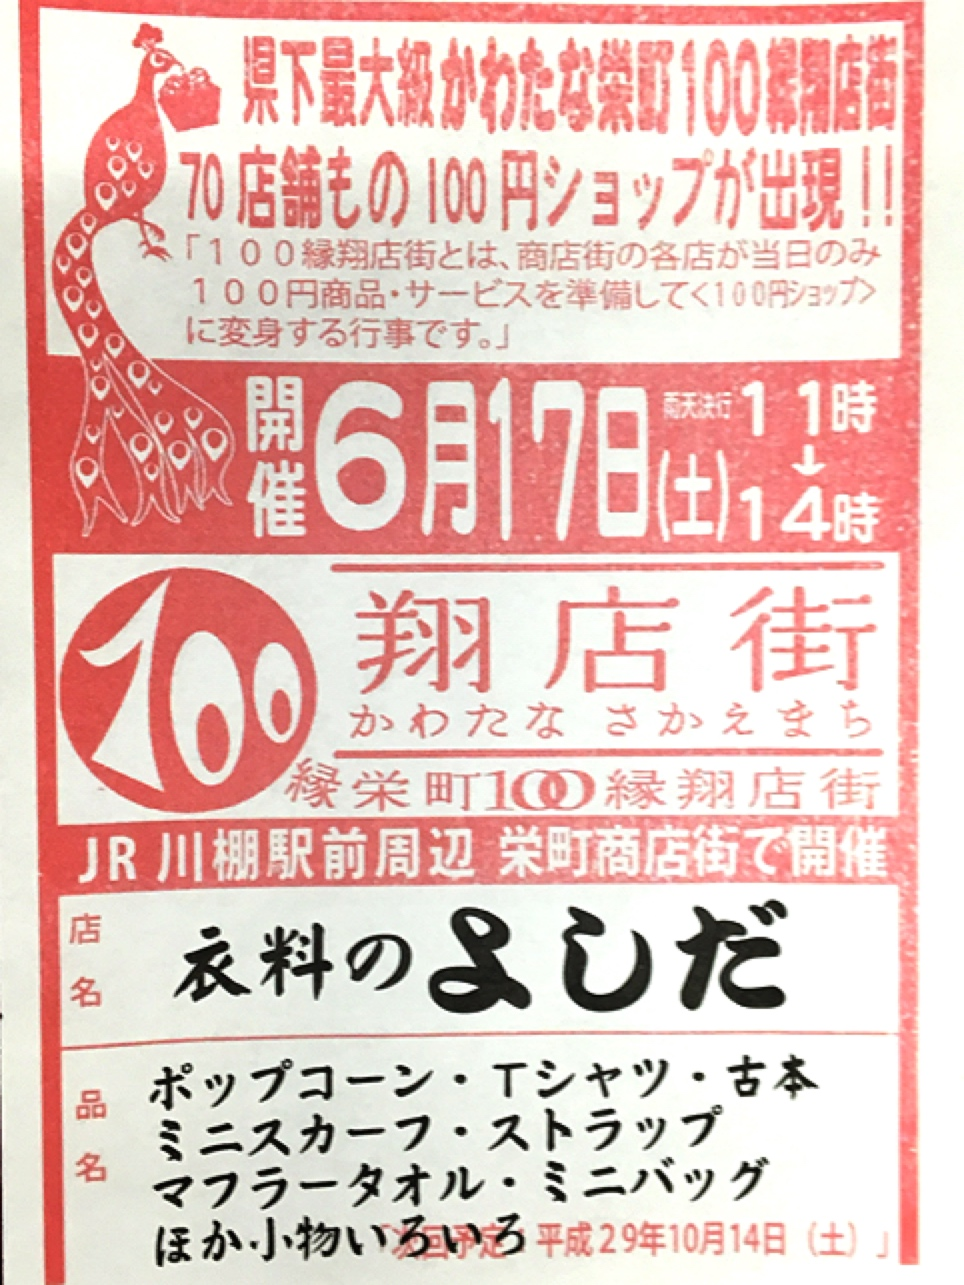 明日は、かわたな栄町100縁翔店街ヽ(*^^*)ノ